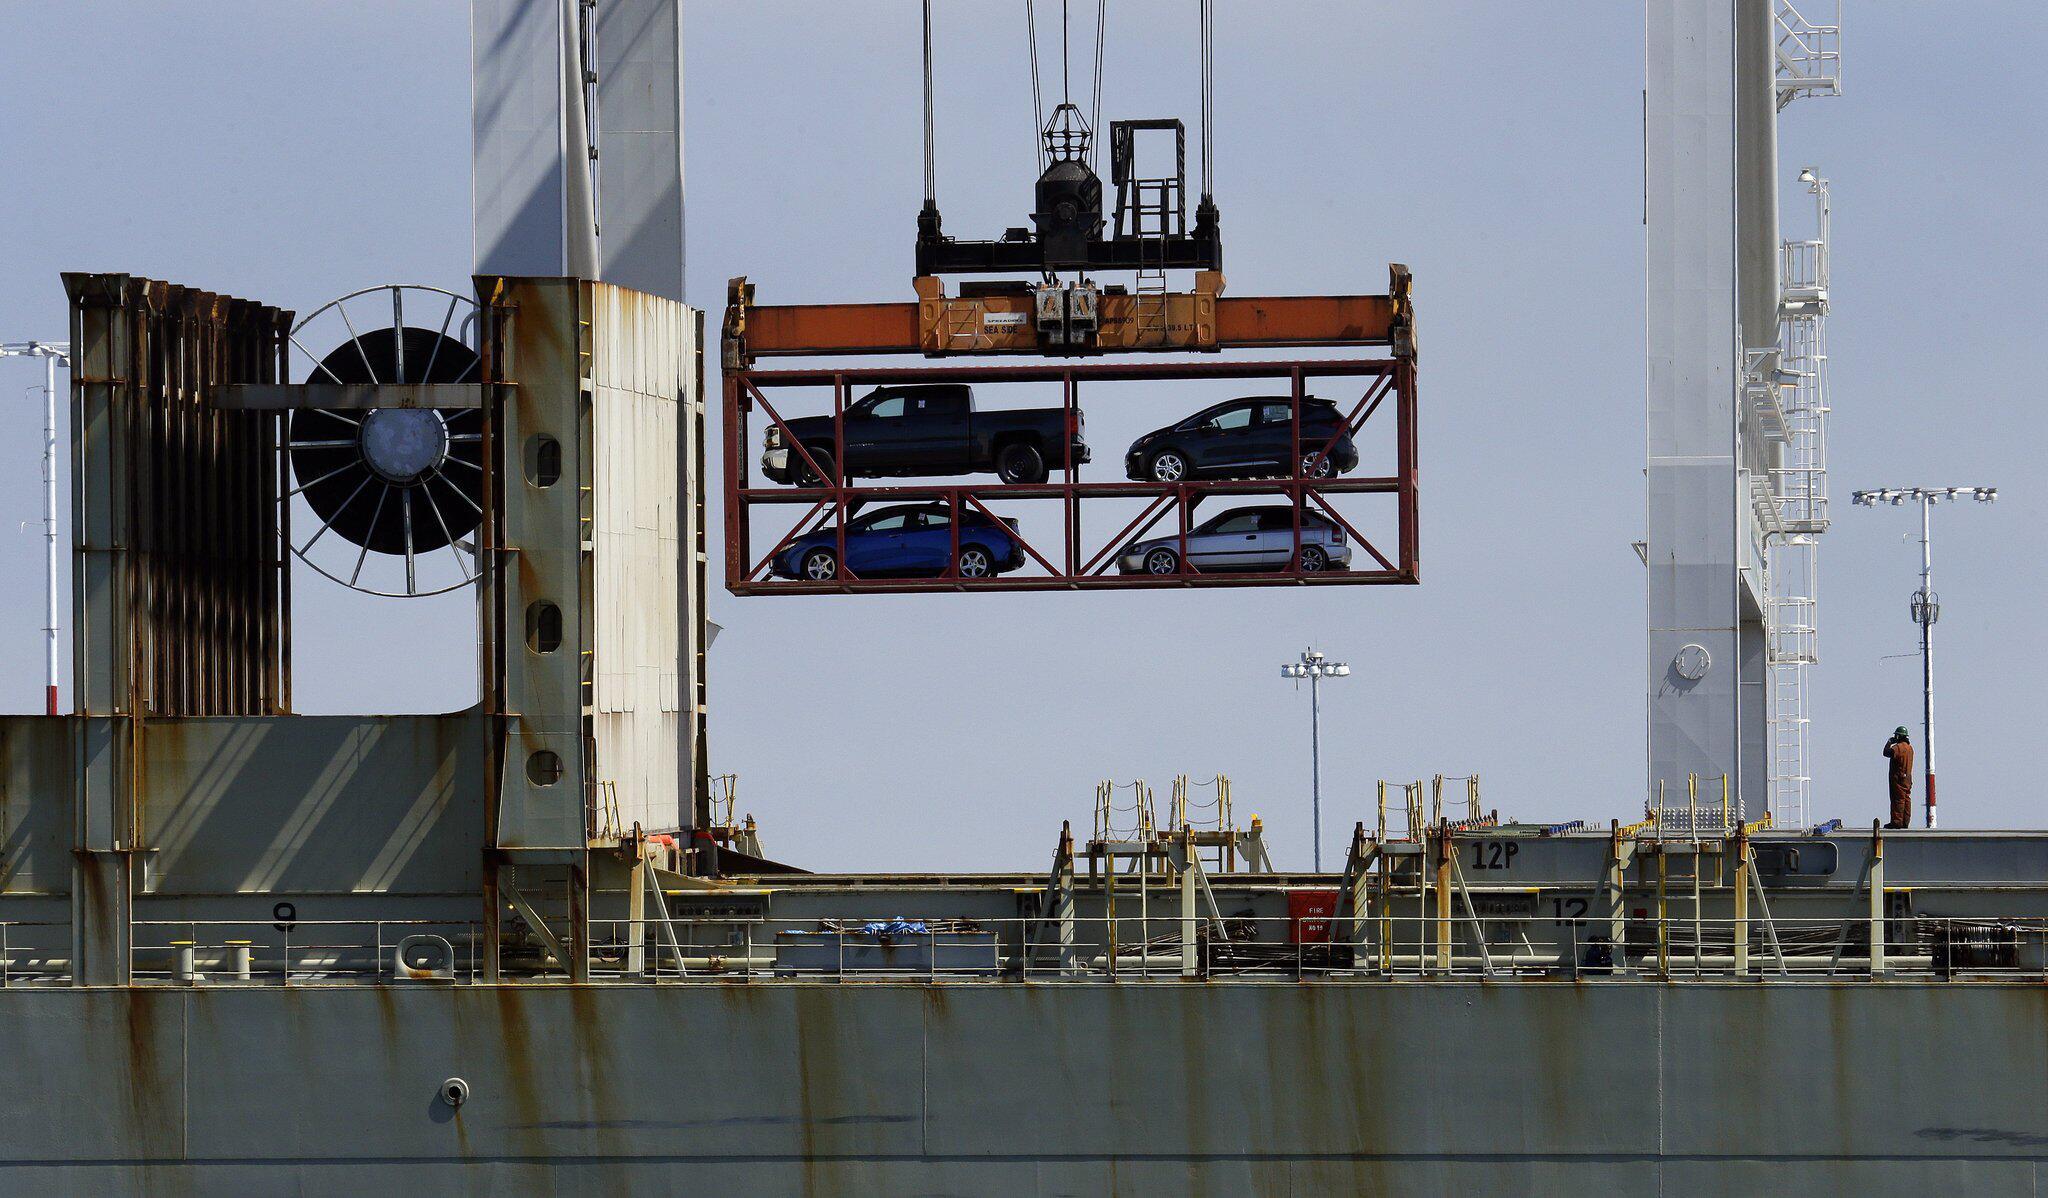 Bild zu USA - Autoumschlag im Hafen von Oakland